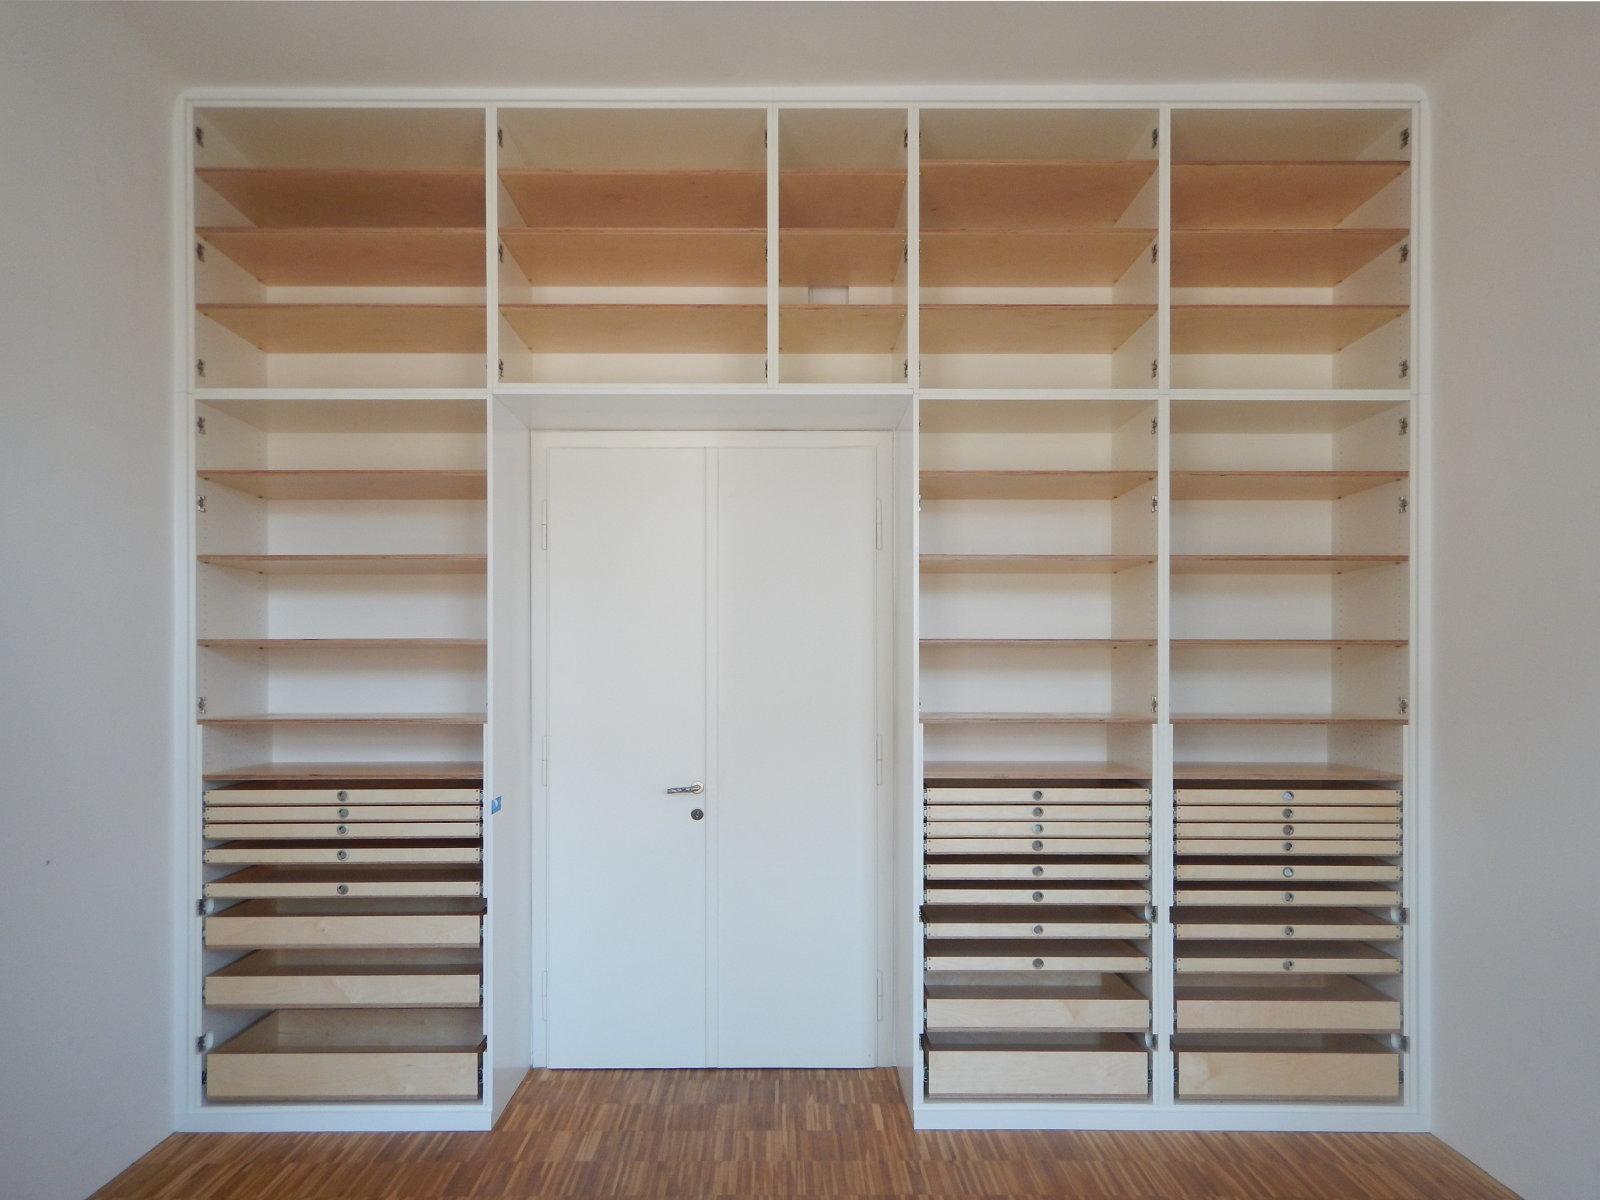 Kasten in Büro S. - ohne Türen